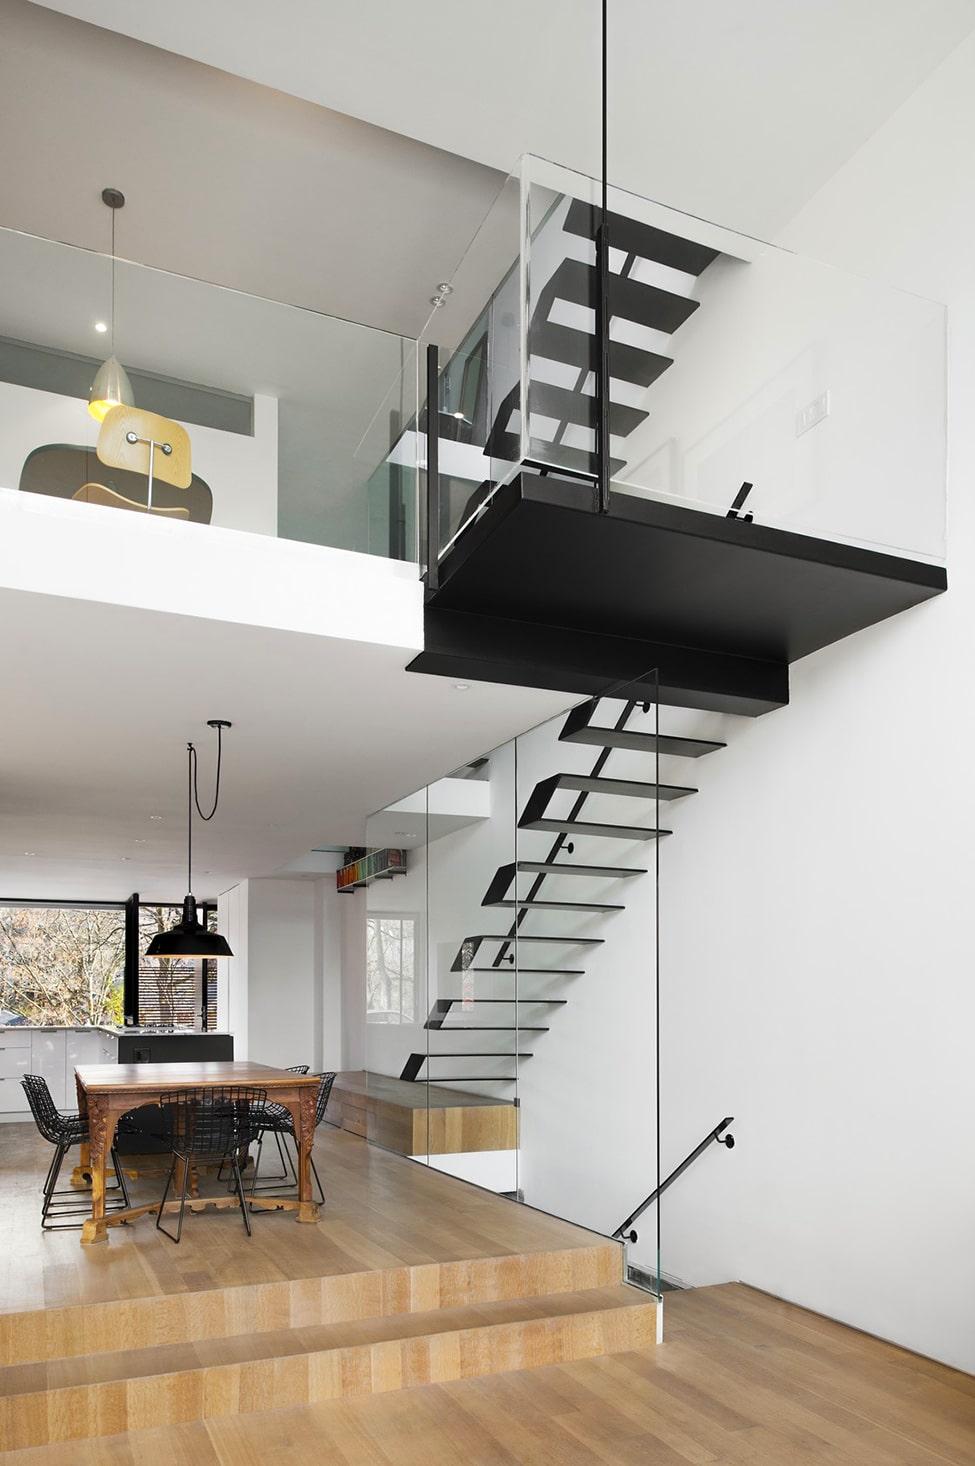 Planos de casa angosta y larga - Escaleras para interior de casa ...